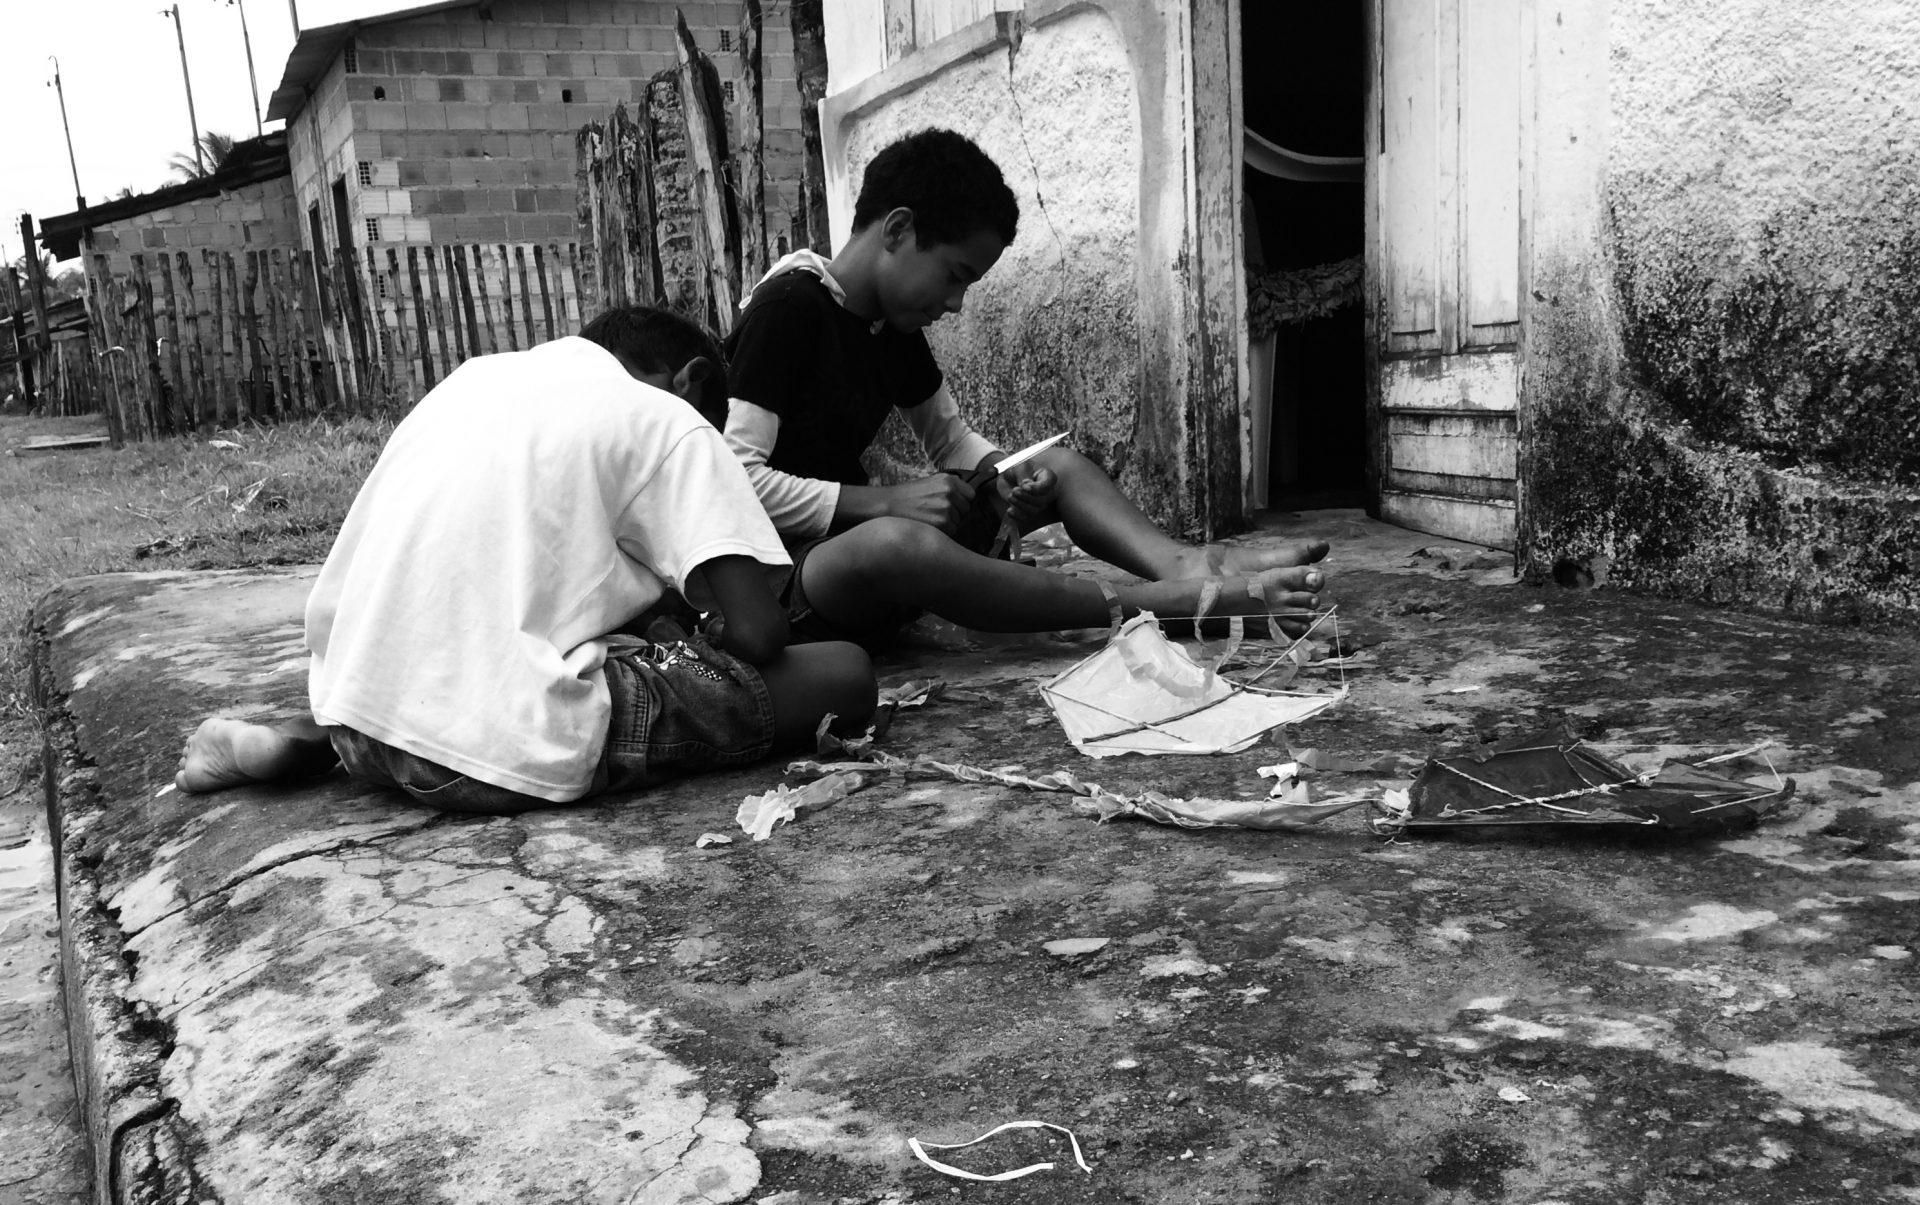 Roberto Mancini, i bambini delle favelas e un vecchio pallone